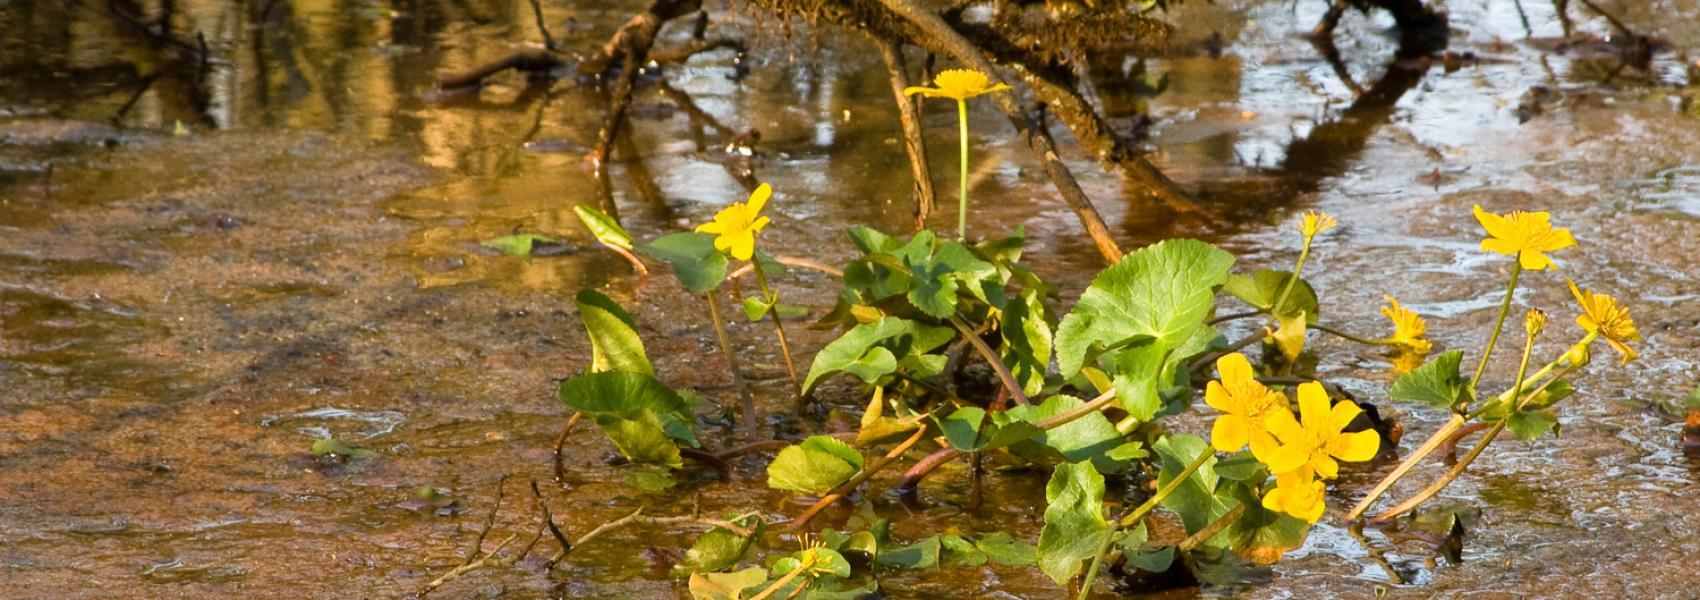 bloemen in het water